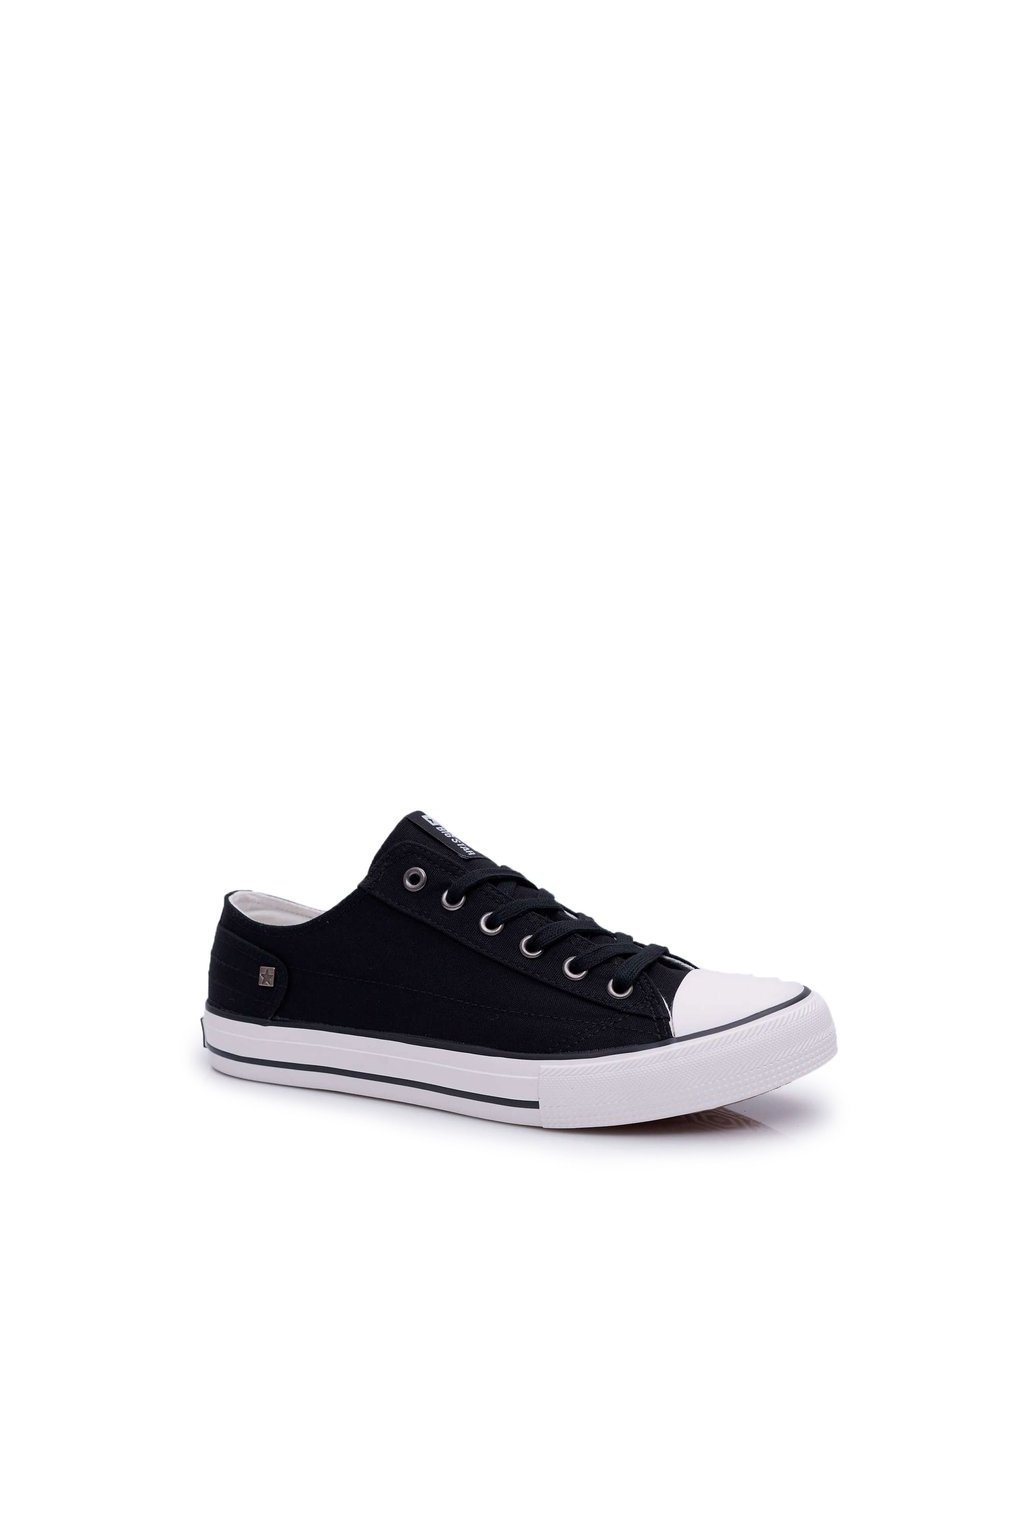 Čierna obuv kód topánok DD174273 BLK